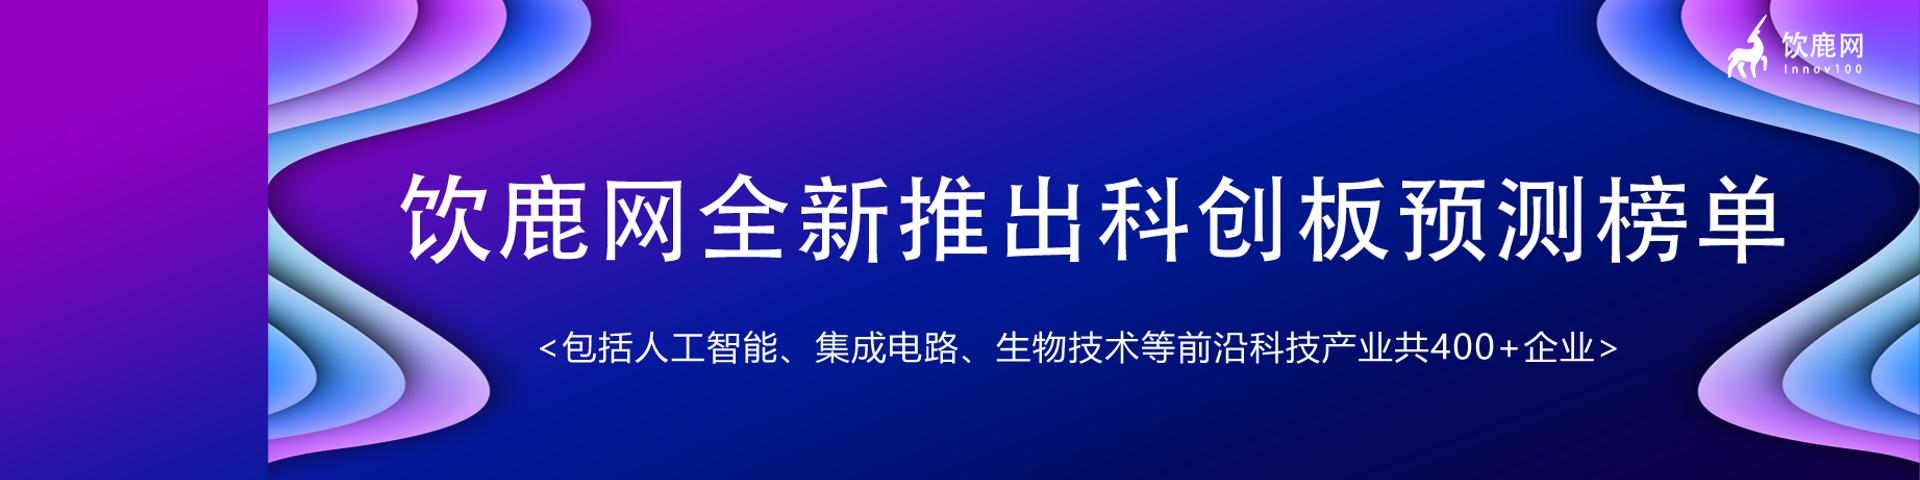 科創版宣傳banner